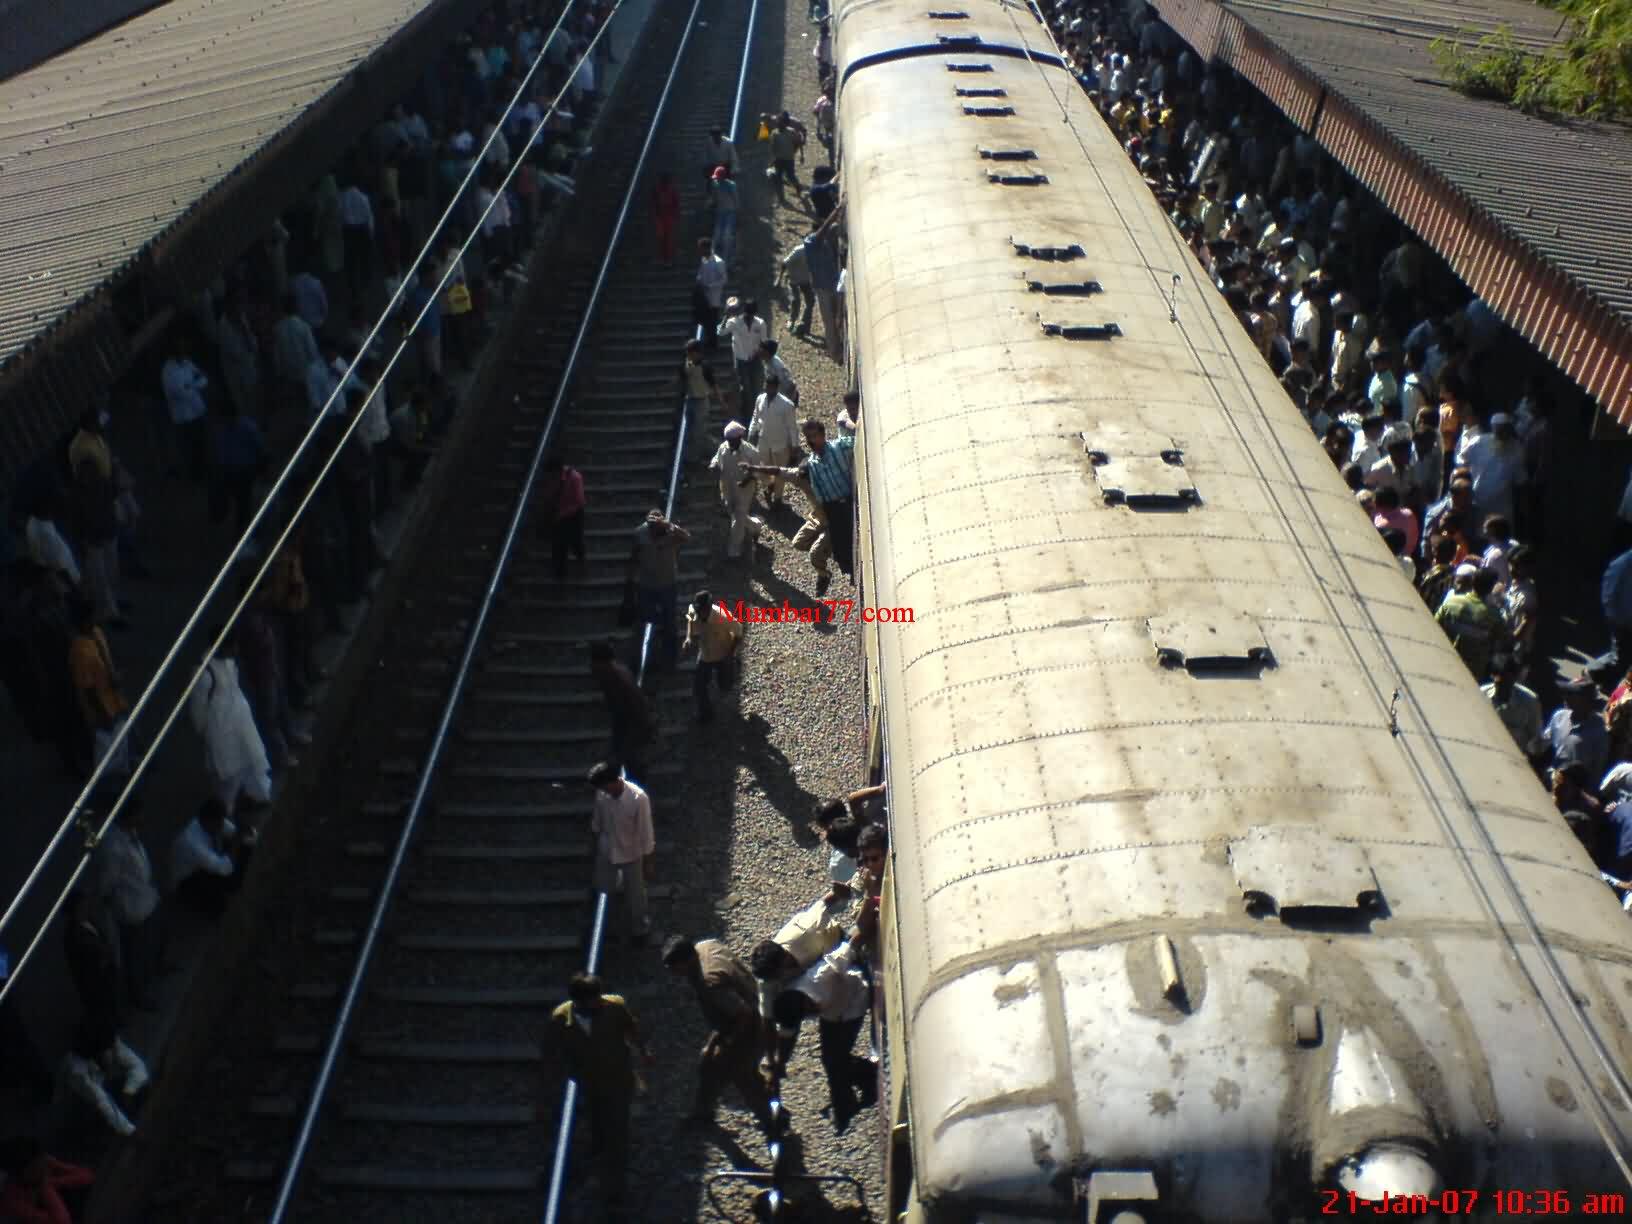 Mumbai Life